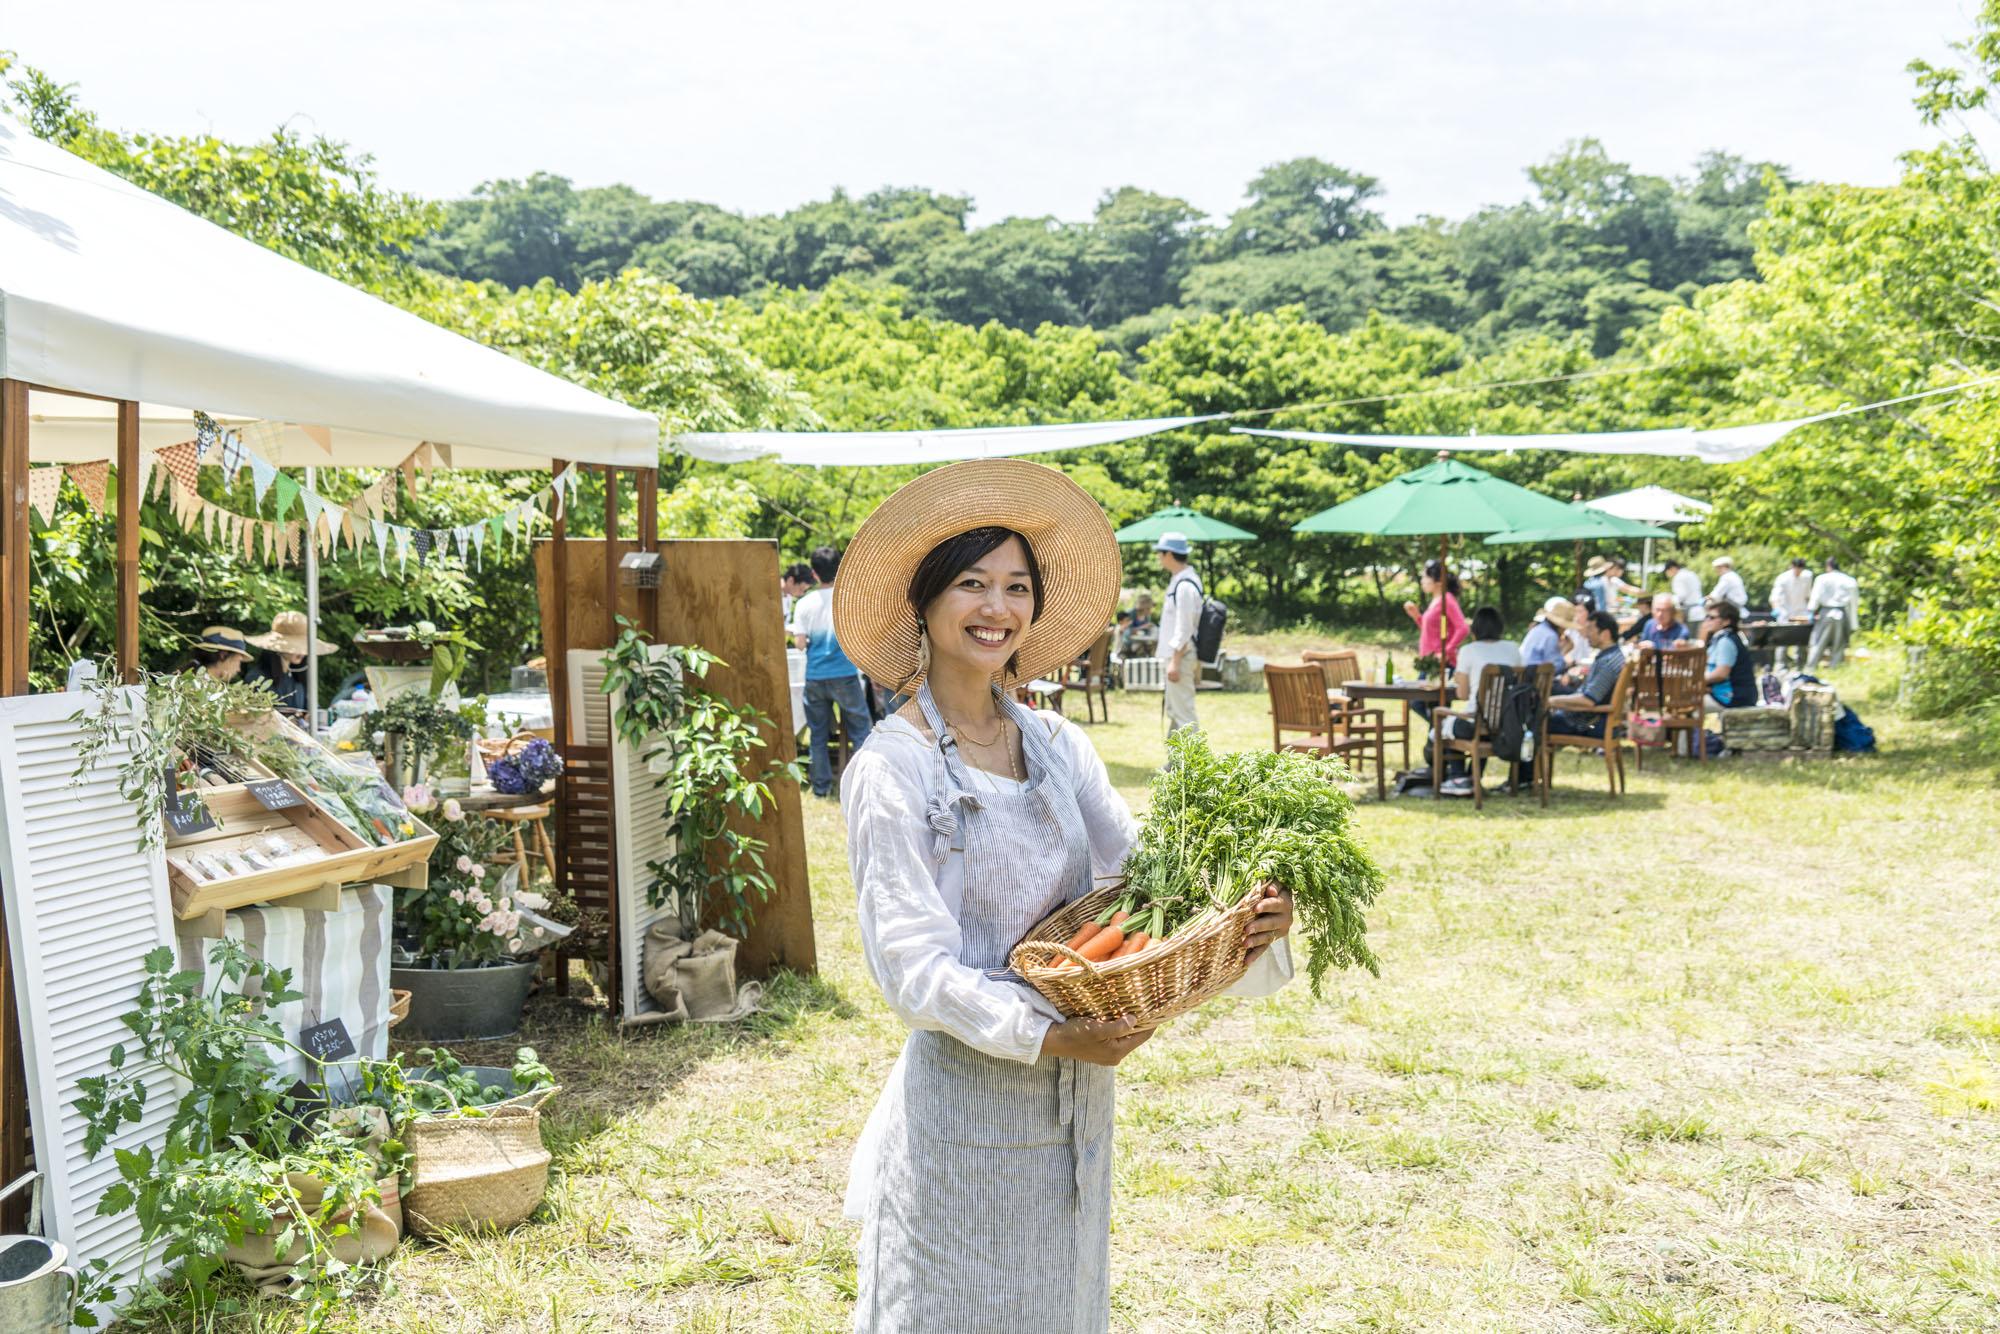 """瓶詰め講師 西村 千恵 / CHIE NISHIMURA   ファームキャニング代表。都内でのオーガニックやフェアトレードというエシカルな分野にて食と女性の身体に携わる。その後、もっと畑を日常に感じる生活を広めたいという思いでファームキャニングを開始。規格外や虫食いなどで廃棄されがちな""""もったいない野菜""""を積極的に使い、オリジナル瓶詰めレシピを開発。瓶詰めの手技も伝えています。PAWAパーマカルチャーデザインコース修了。  逗子在住、食いしん坊、2児の母。"""